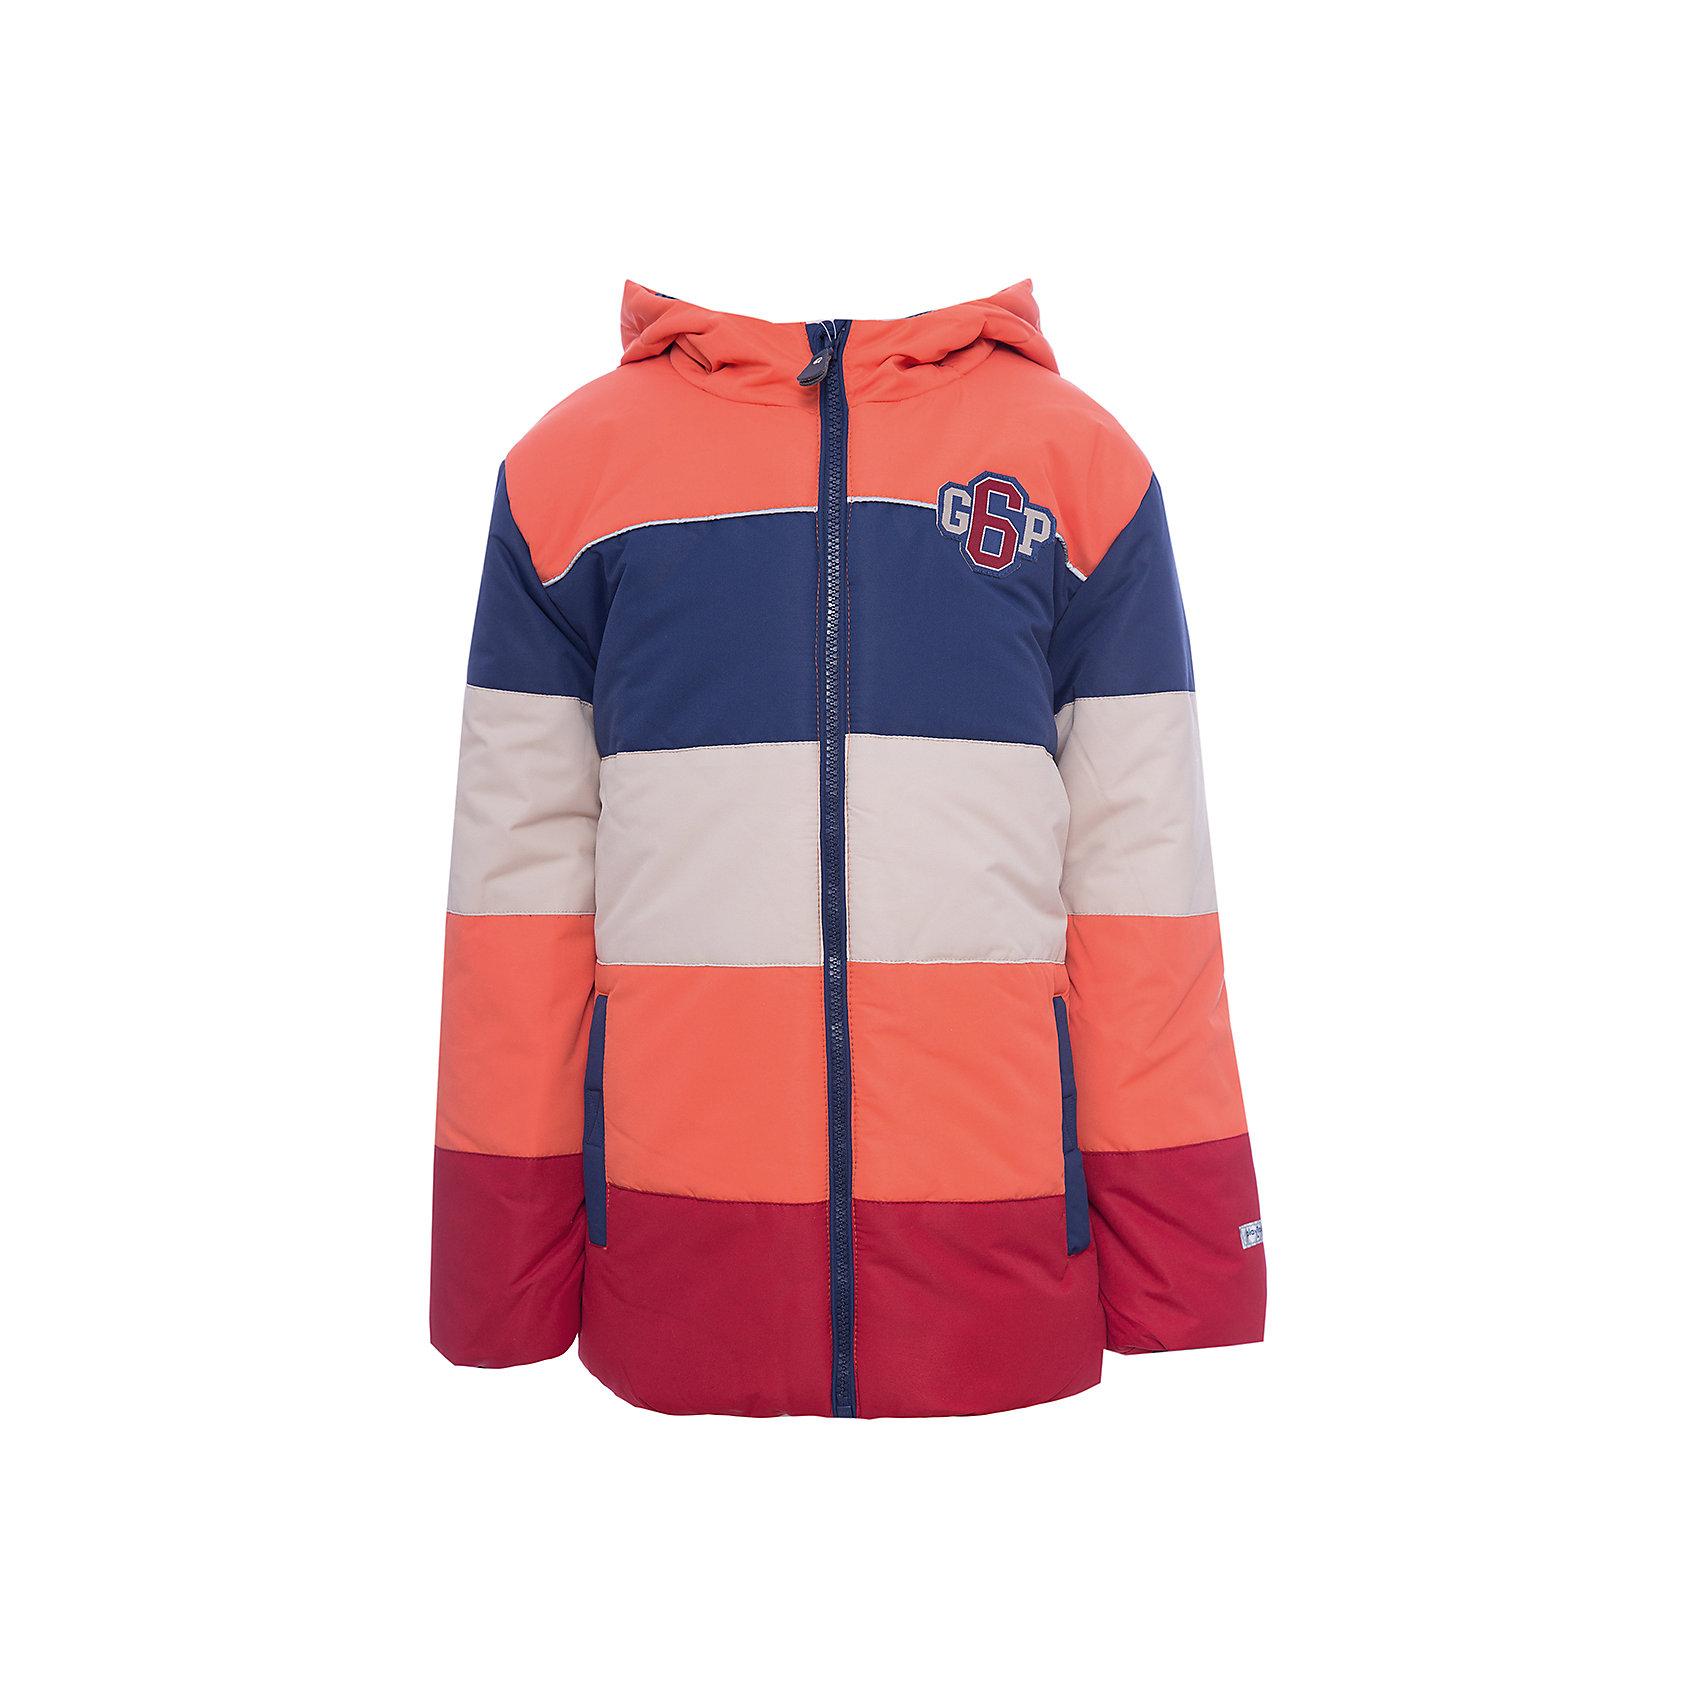 Куртка PlayToday для мальчикаВерхняя одежда<br>Куртка PlayToday для мальчика<br>Утепленная куртка с капюшоном из водоотталкивающей ткани - отличное решение для холодной промозглой погоды. Модель на молнии,  специальный карман для фиксации бегунка у горловины куртки не позволит застежке травмировать нежную детскую кожу. Капюшон на регулируемом шнуре - кулиске. С внутренней стороны для стопперов шнура предусмотрены скрытые карманы. Трикотажные манжеты из плотной резинки сохраняют тепло. Куртка с вшивными карманами на липучках, декорирована аппликацией. Светоотражатели обеспечат видимость ребенка в темное время суток.<br>Состав:<br>Верх: 100% полиэстер, Подкладка: 100% полиэстер, Наполнитель: 100% полиэстер, 260 г/м2<br><br>Ширина мм: 356<br>Глубина мм: 10<br>Высота мм: 245<br>Вес г: 519<br>Цвет: белый<br>Возраст от месяцев: 84<br>Возраст до месяцев: 96<br>Пол: Мужской<br>Возраст: Детский<br>Размер: 128,98,104,110,116,122<br>SKU: 7111539